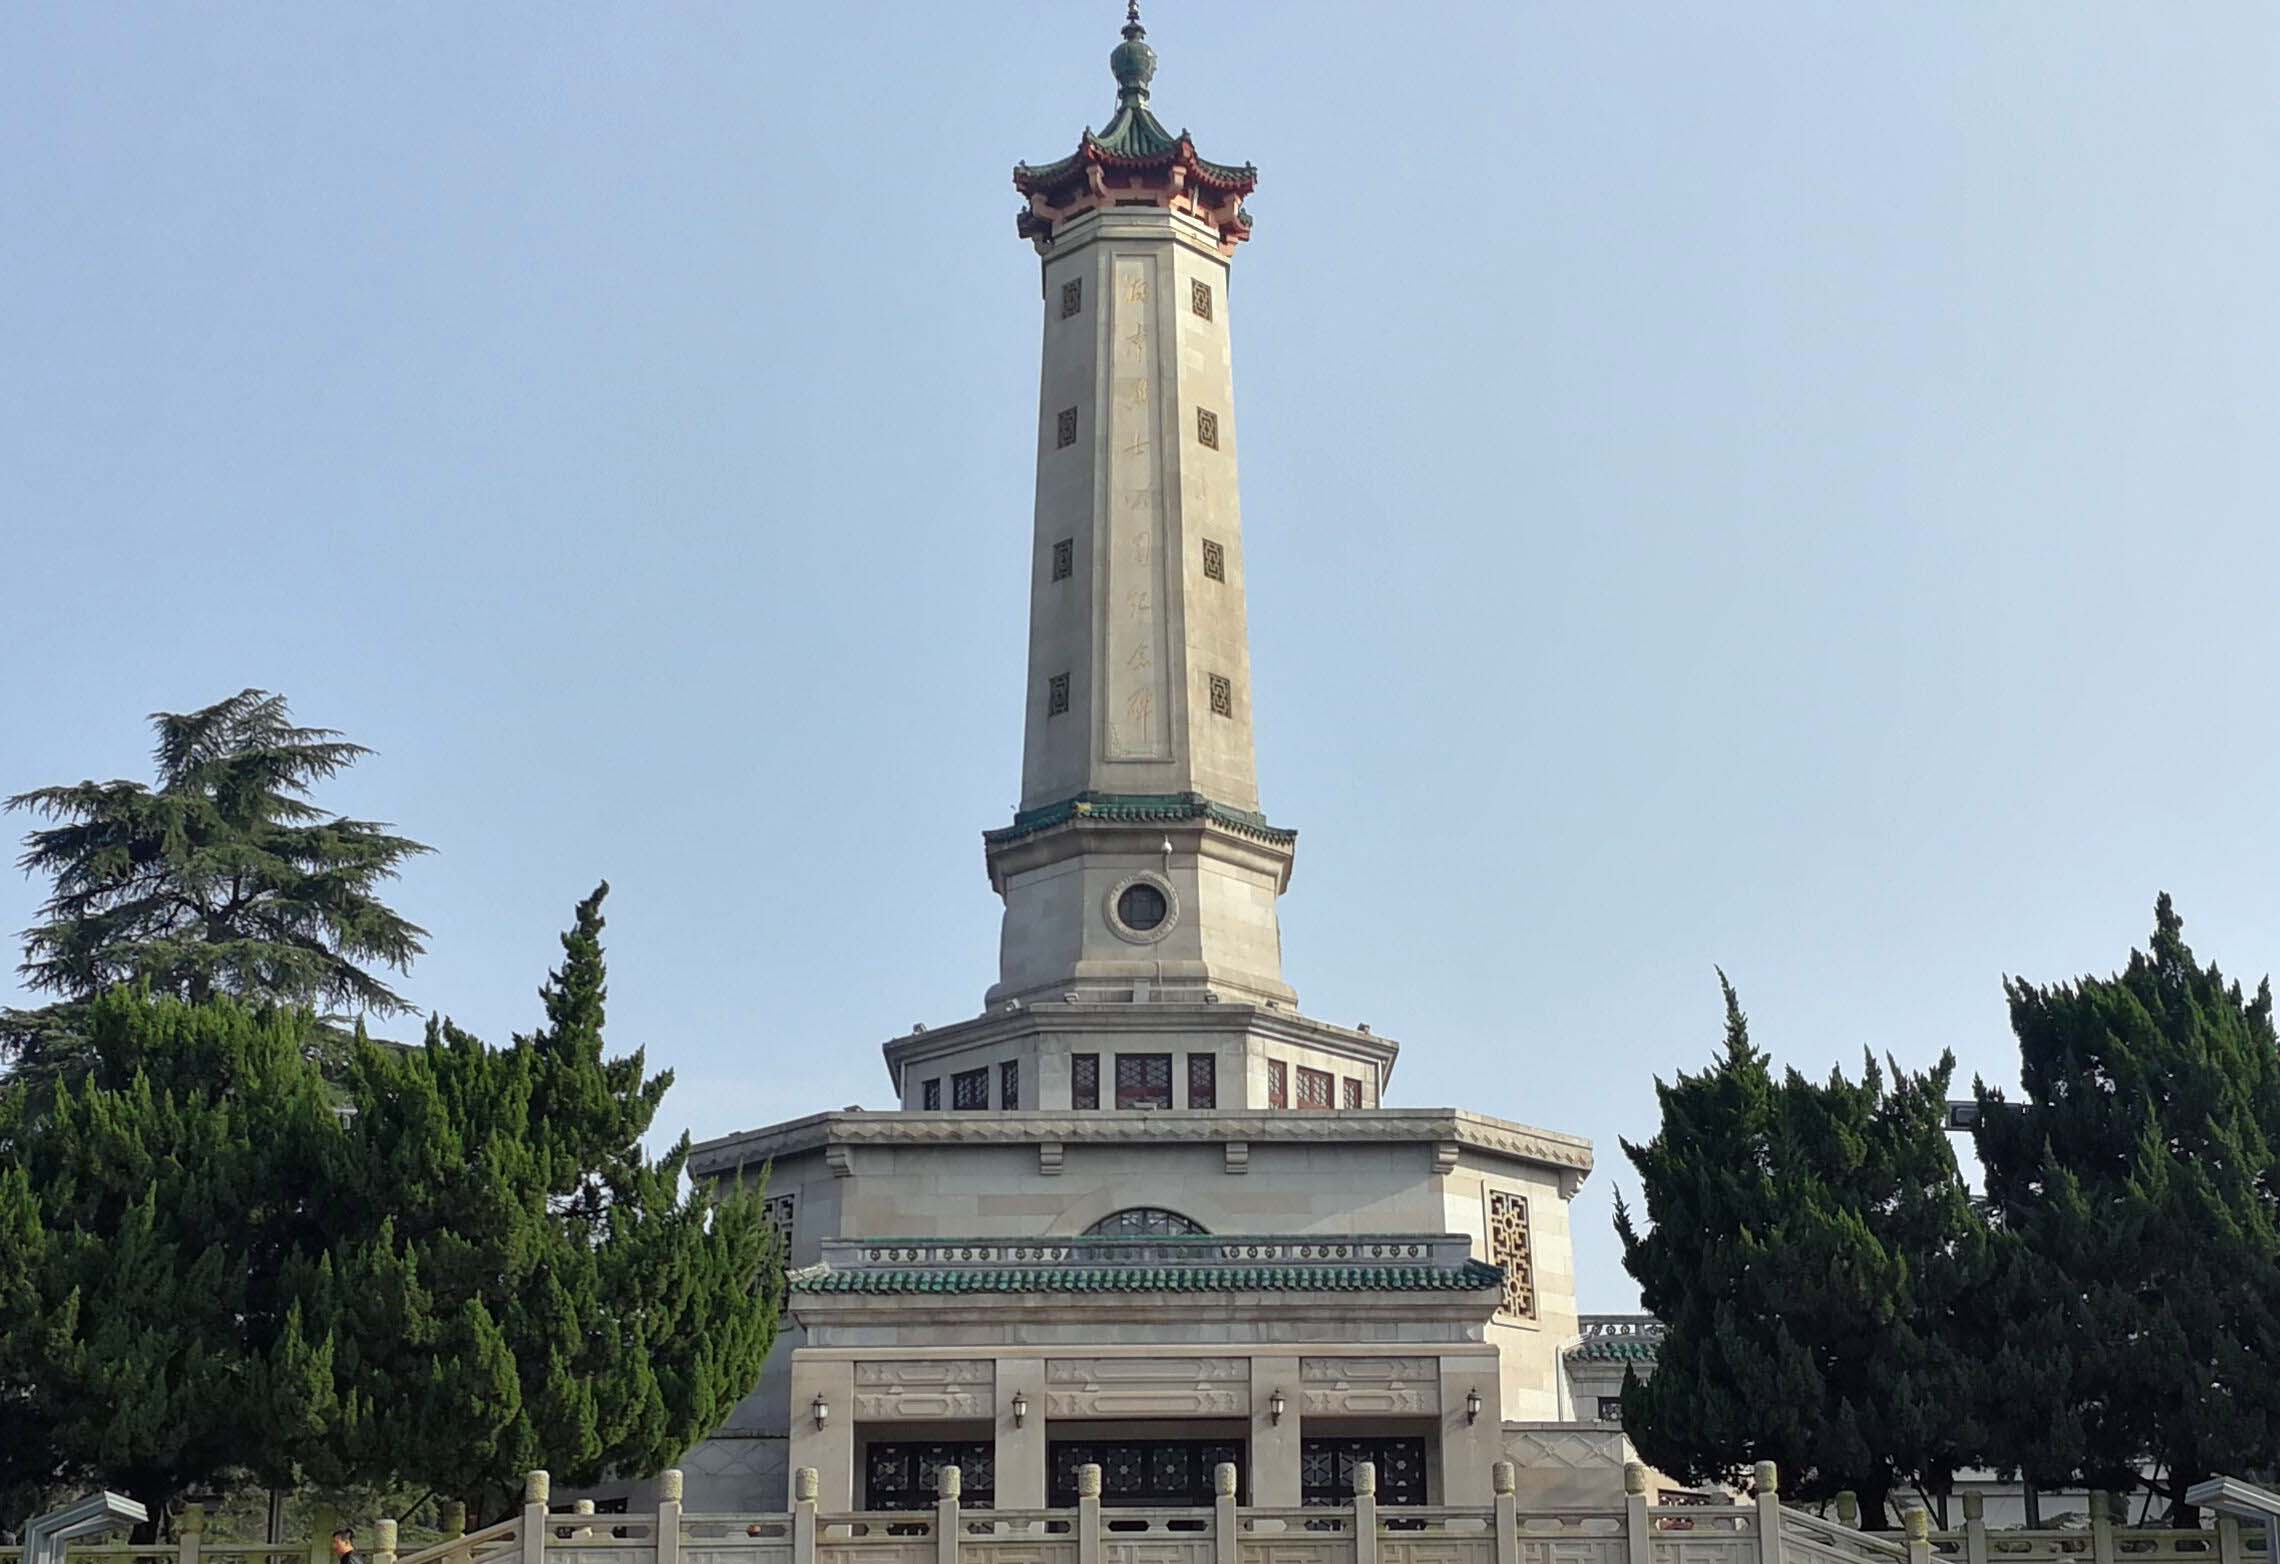 作为红色爱国主义教育基地,湖南烈士公园纪念塔每年接待前来缅怀参观的各地游客100多万人次。长沙晚报全媒体记者 周柏平 摄